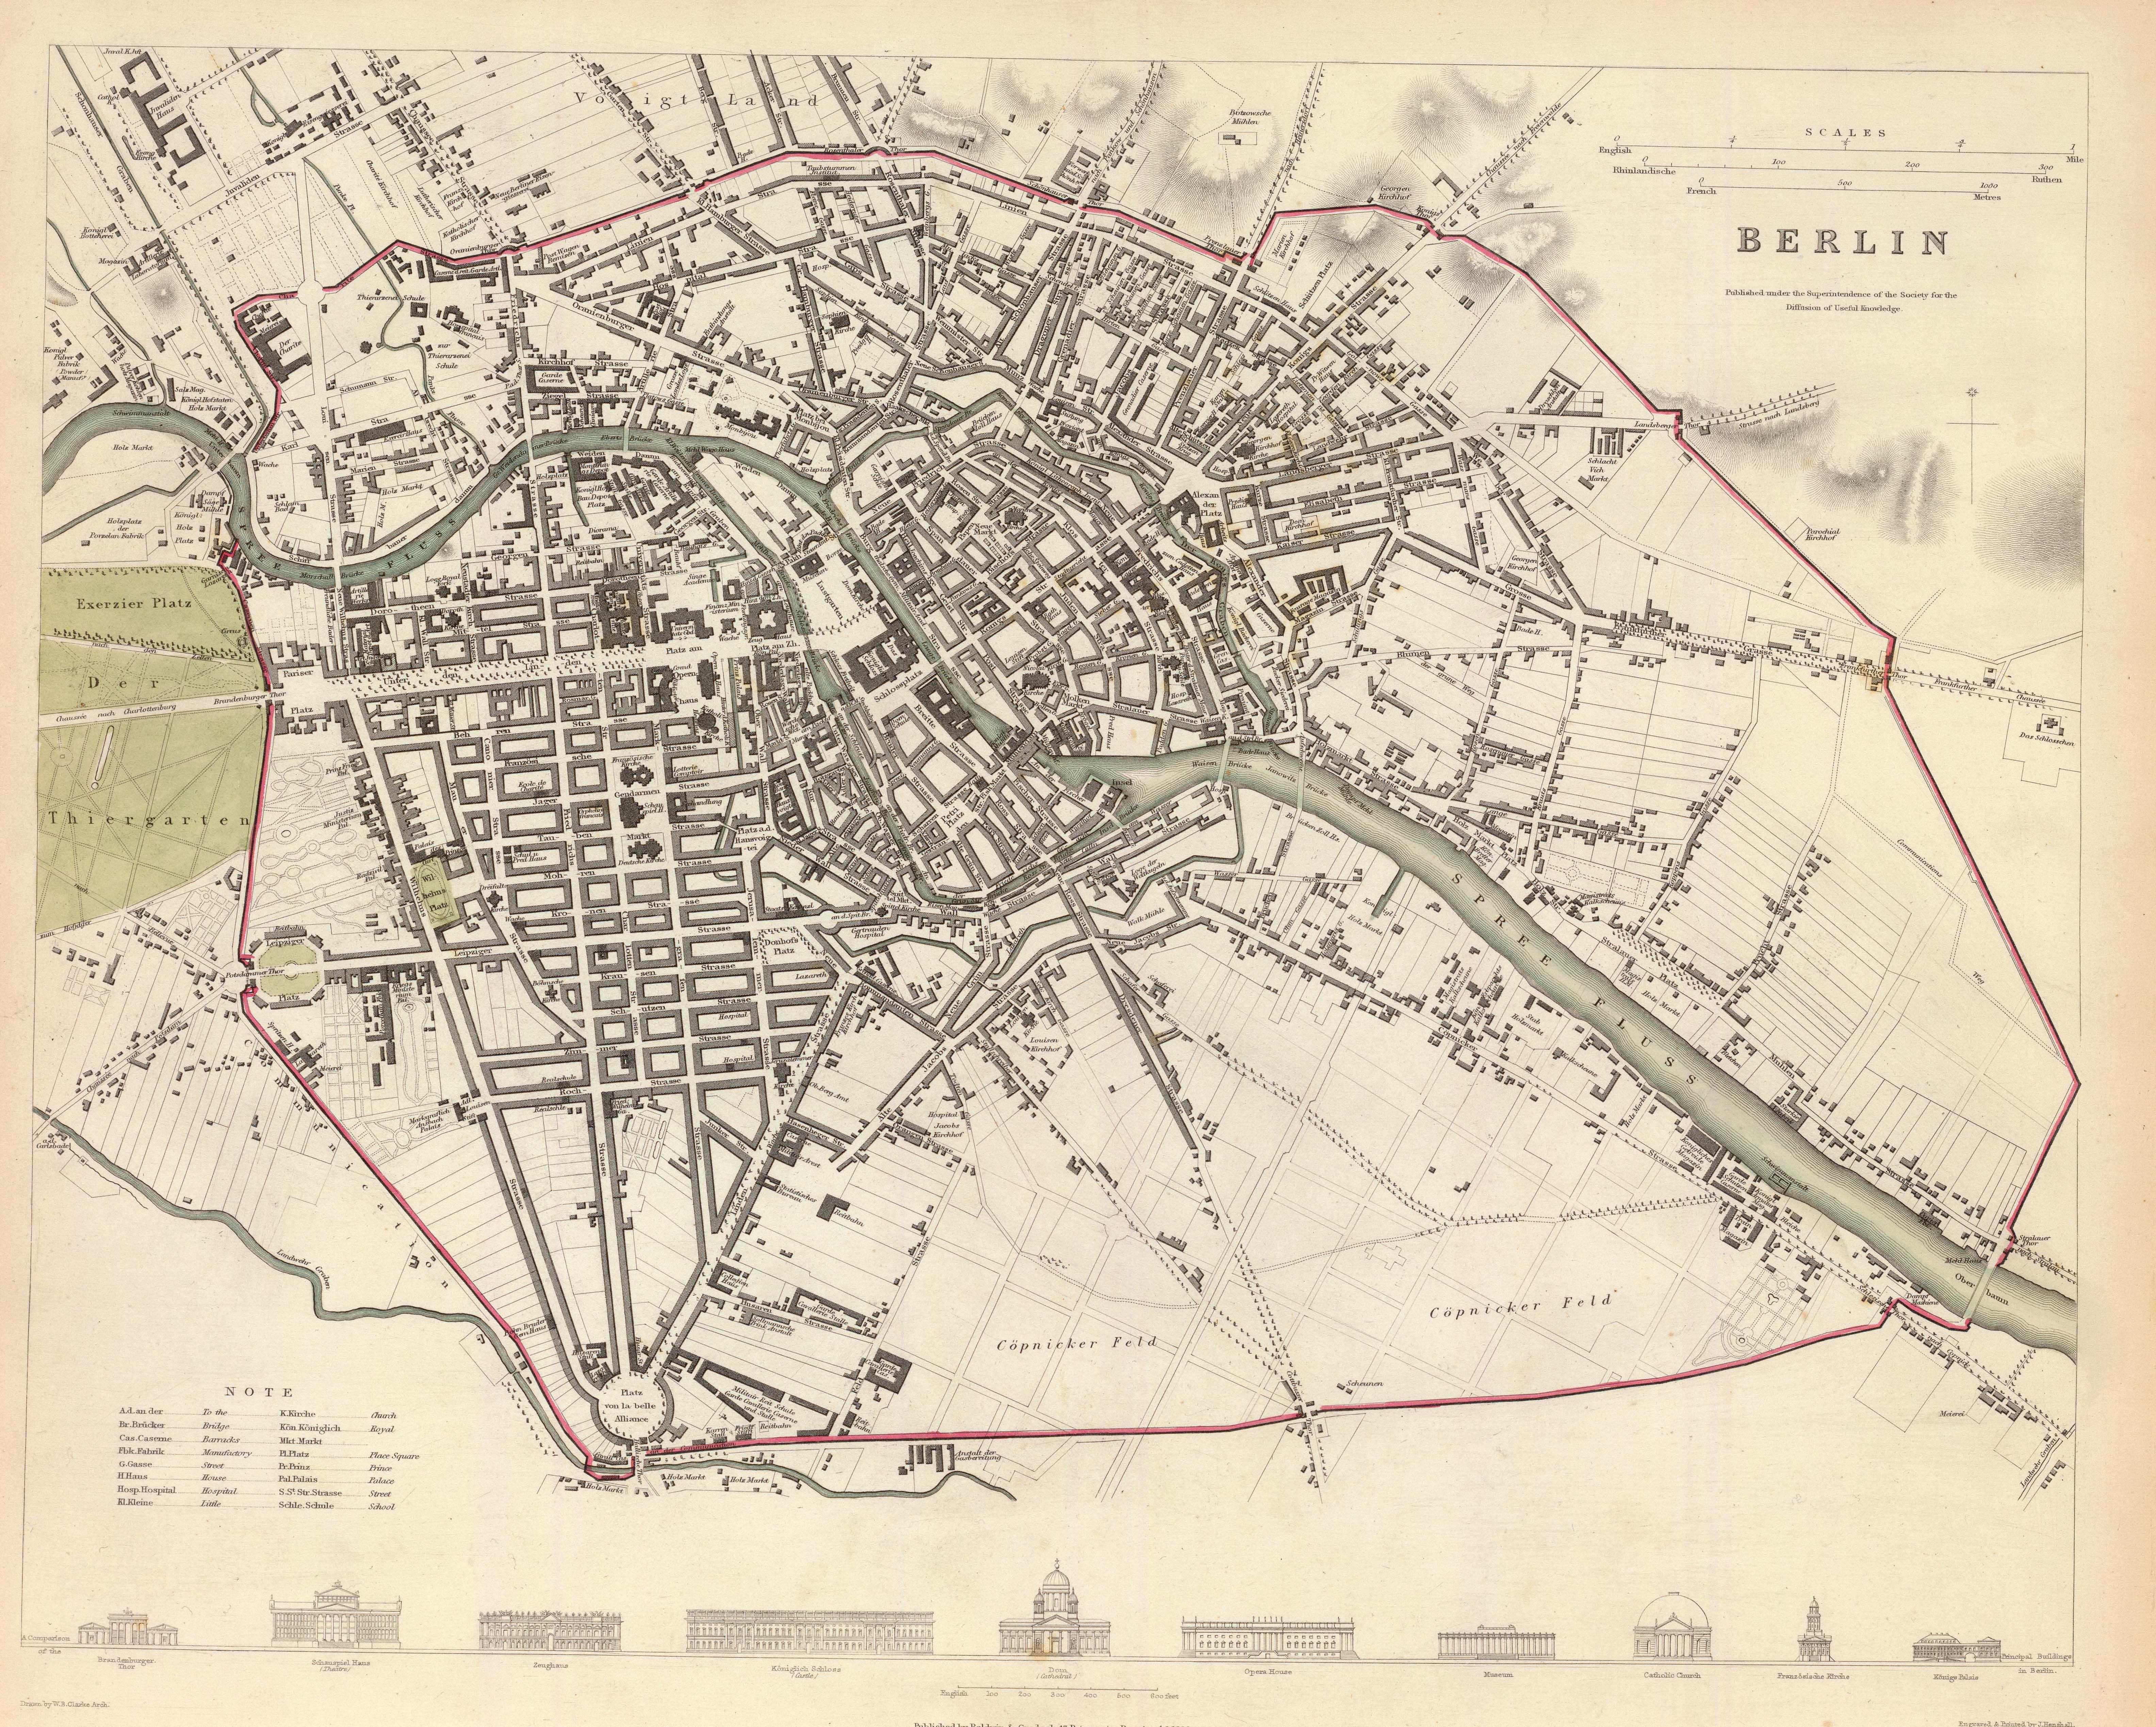 FileBerlin Jpg Wikimedia Commons - Vintage map berlin